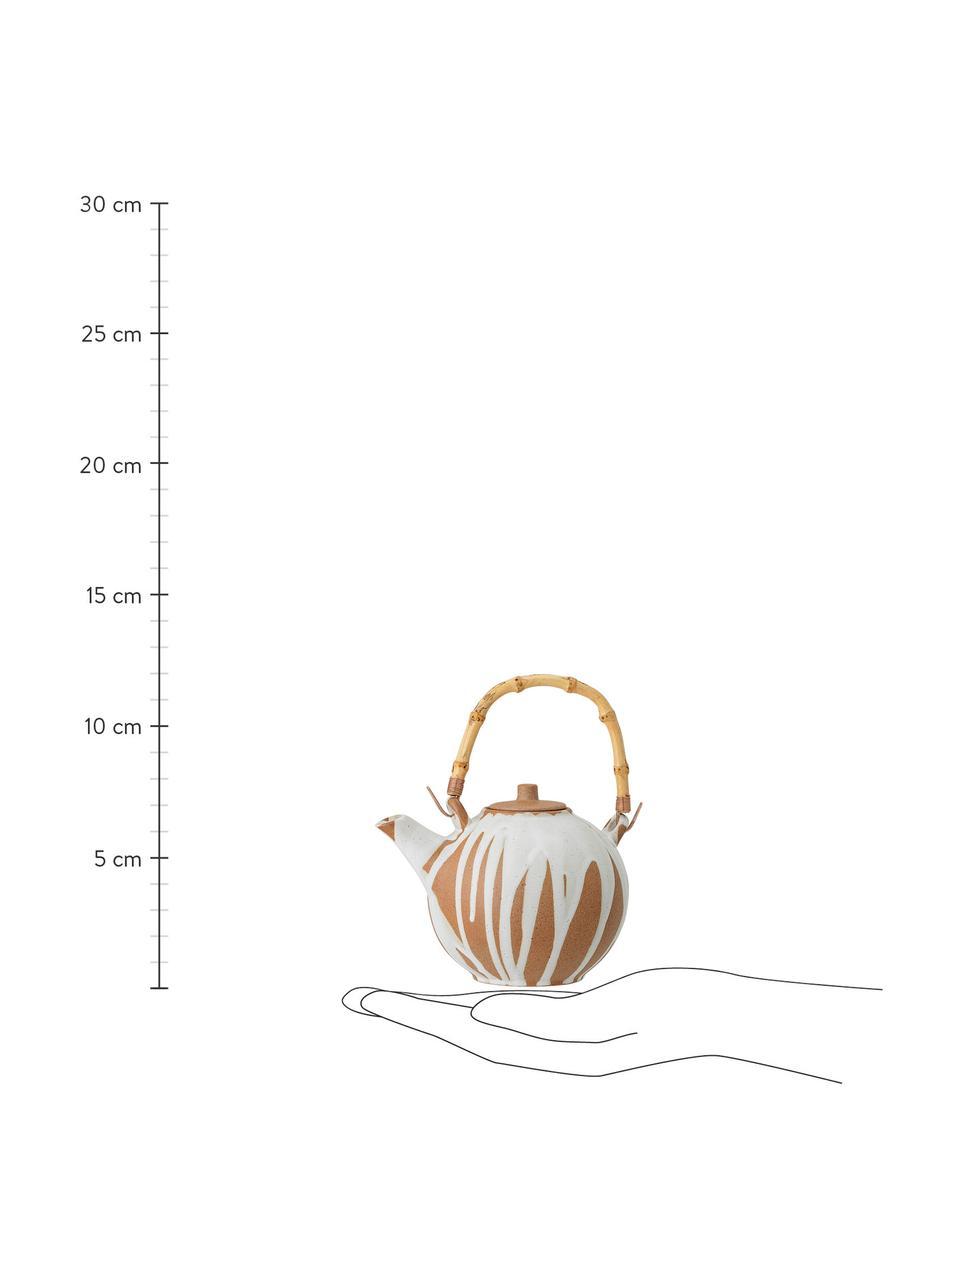 Handgemachte Steingut Teekanne Camellia mit Bambusgriff, 800 ml, Kanne: Steingut, Griff: Bambus, Sieb: Edelstahl, Weiß, Terracotta, 800 ml